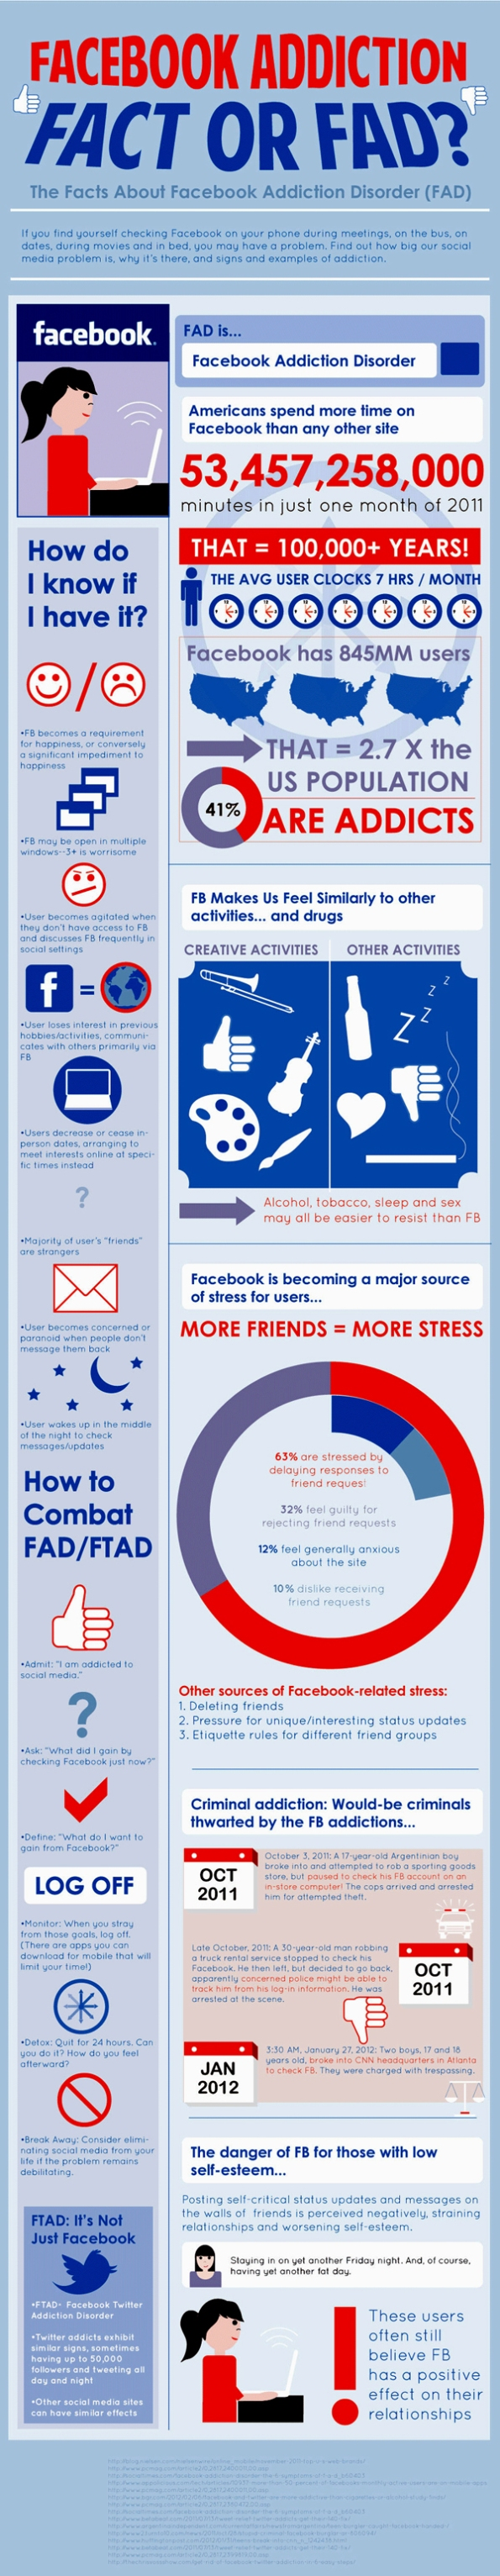 Adicción a Facebook: Hecho o Manía